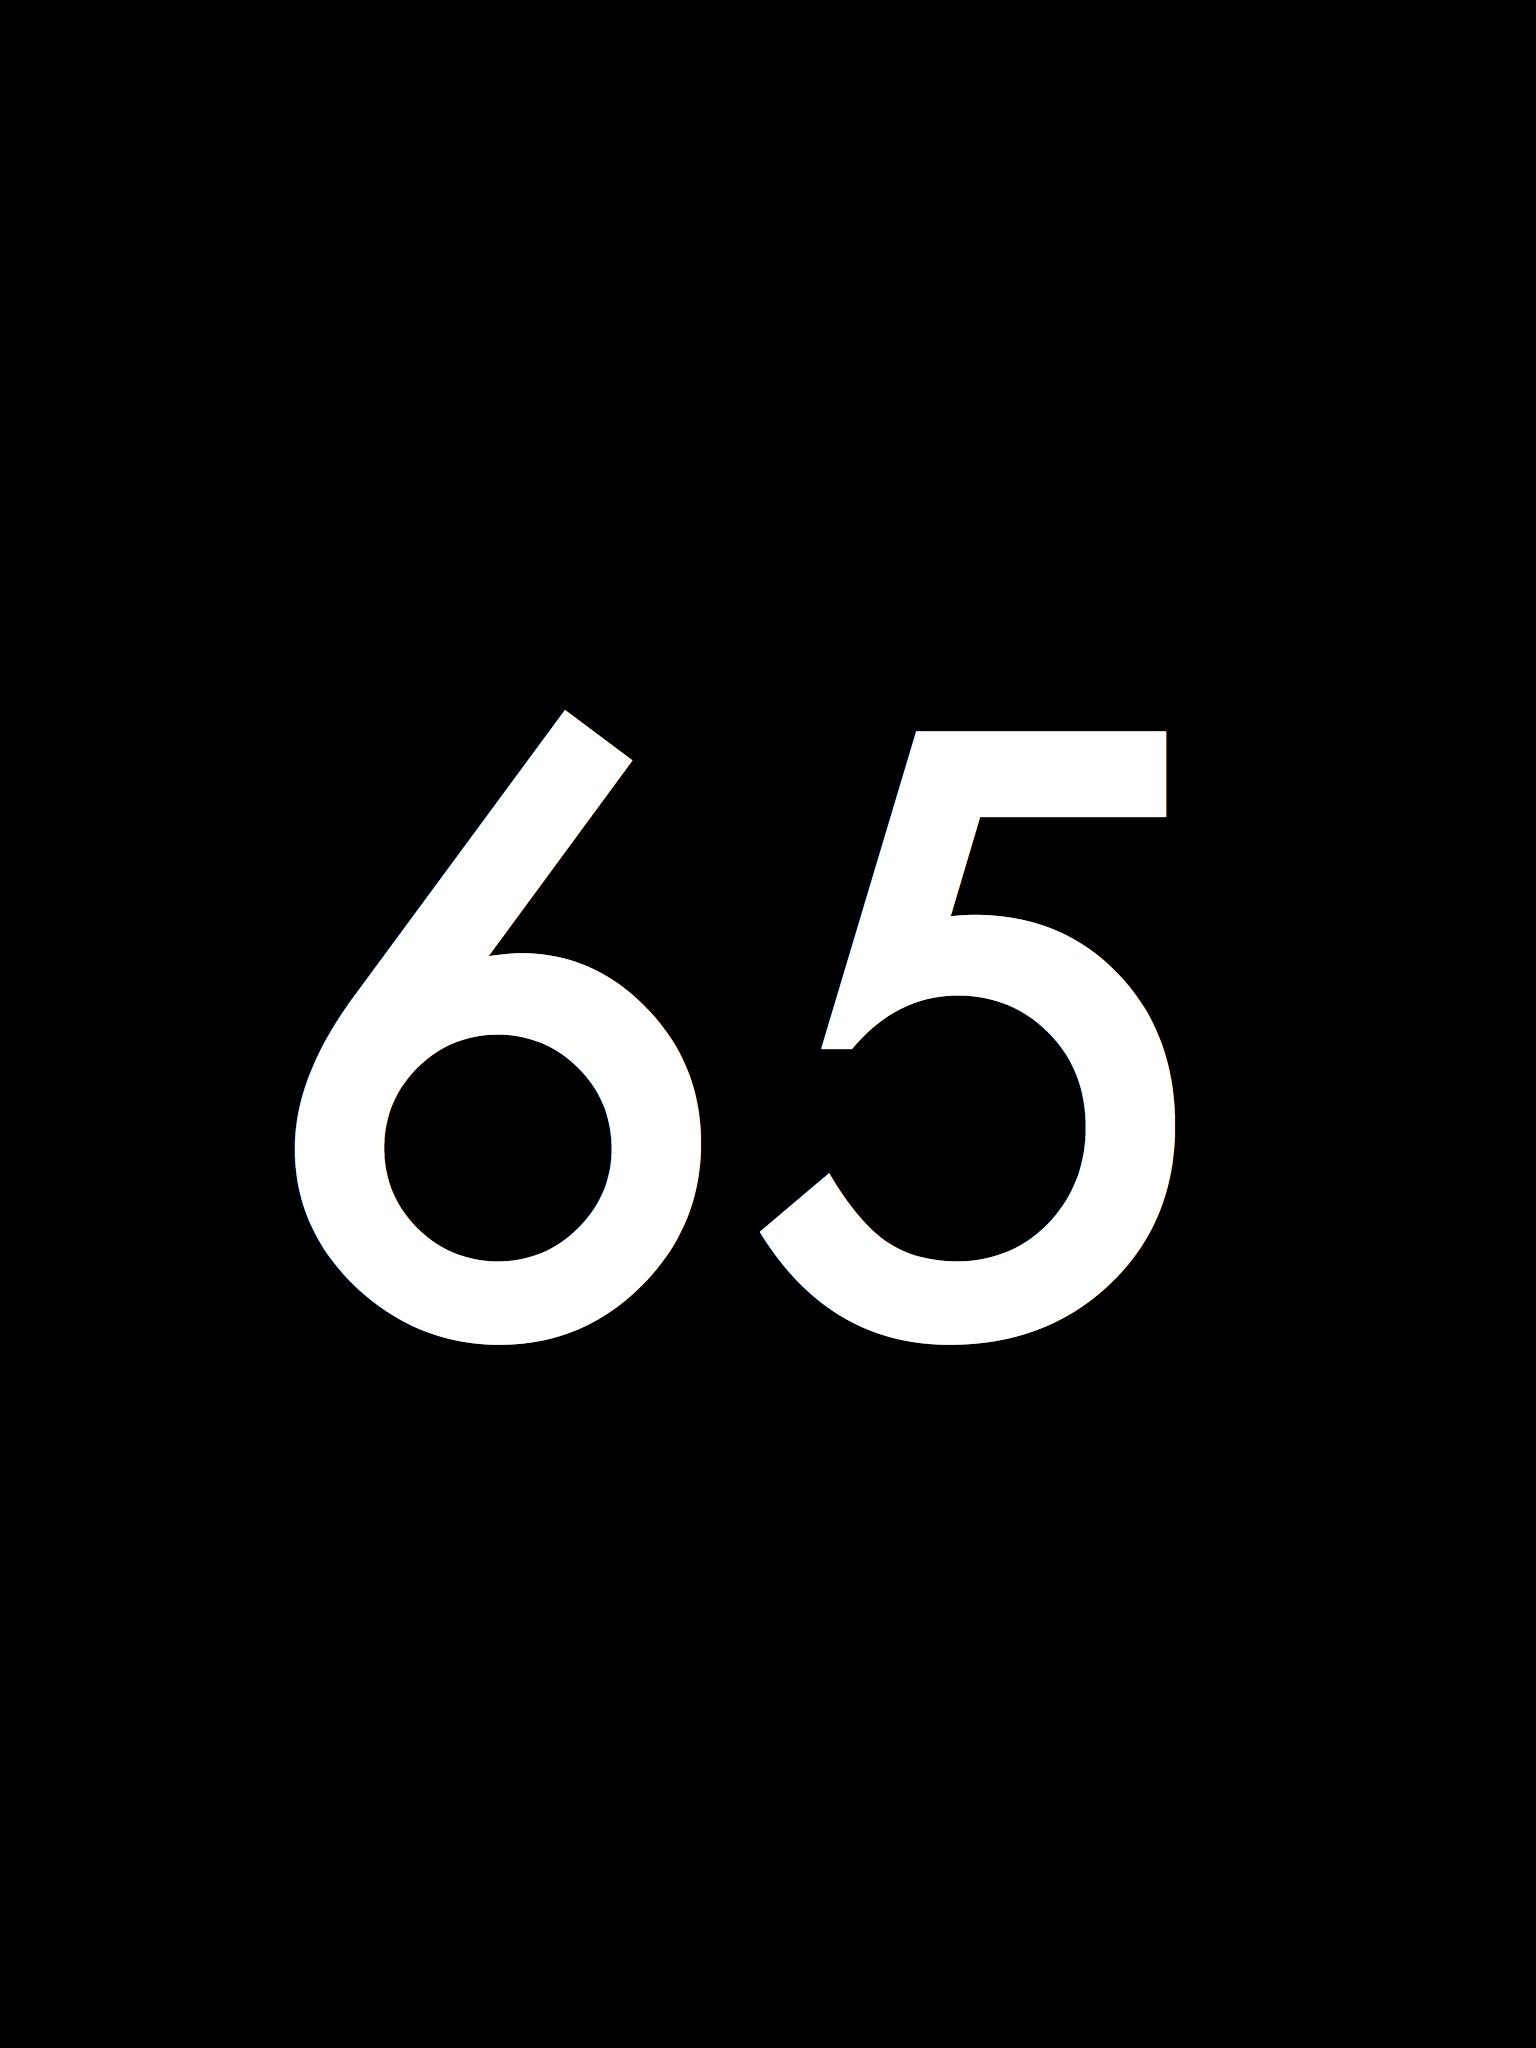 Black_Number.065.jpg